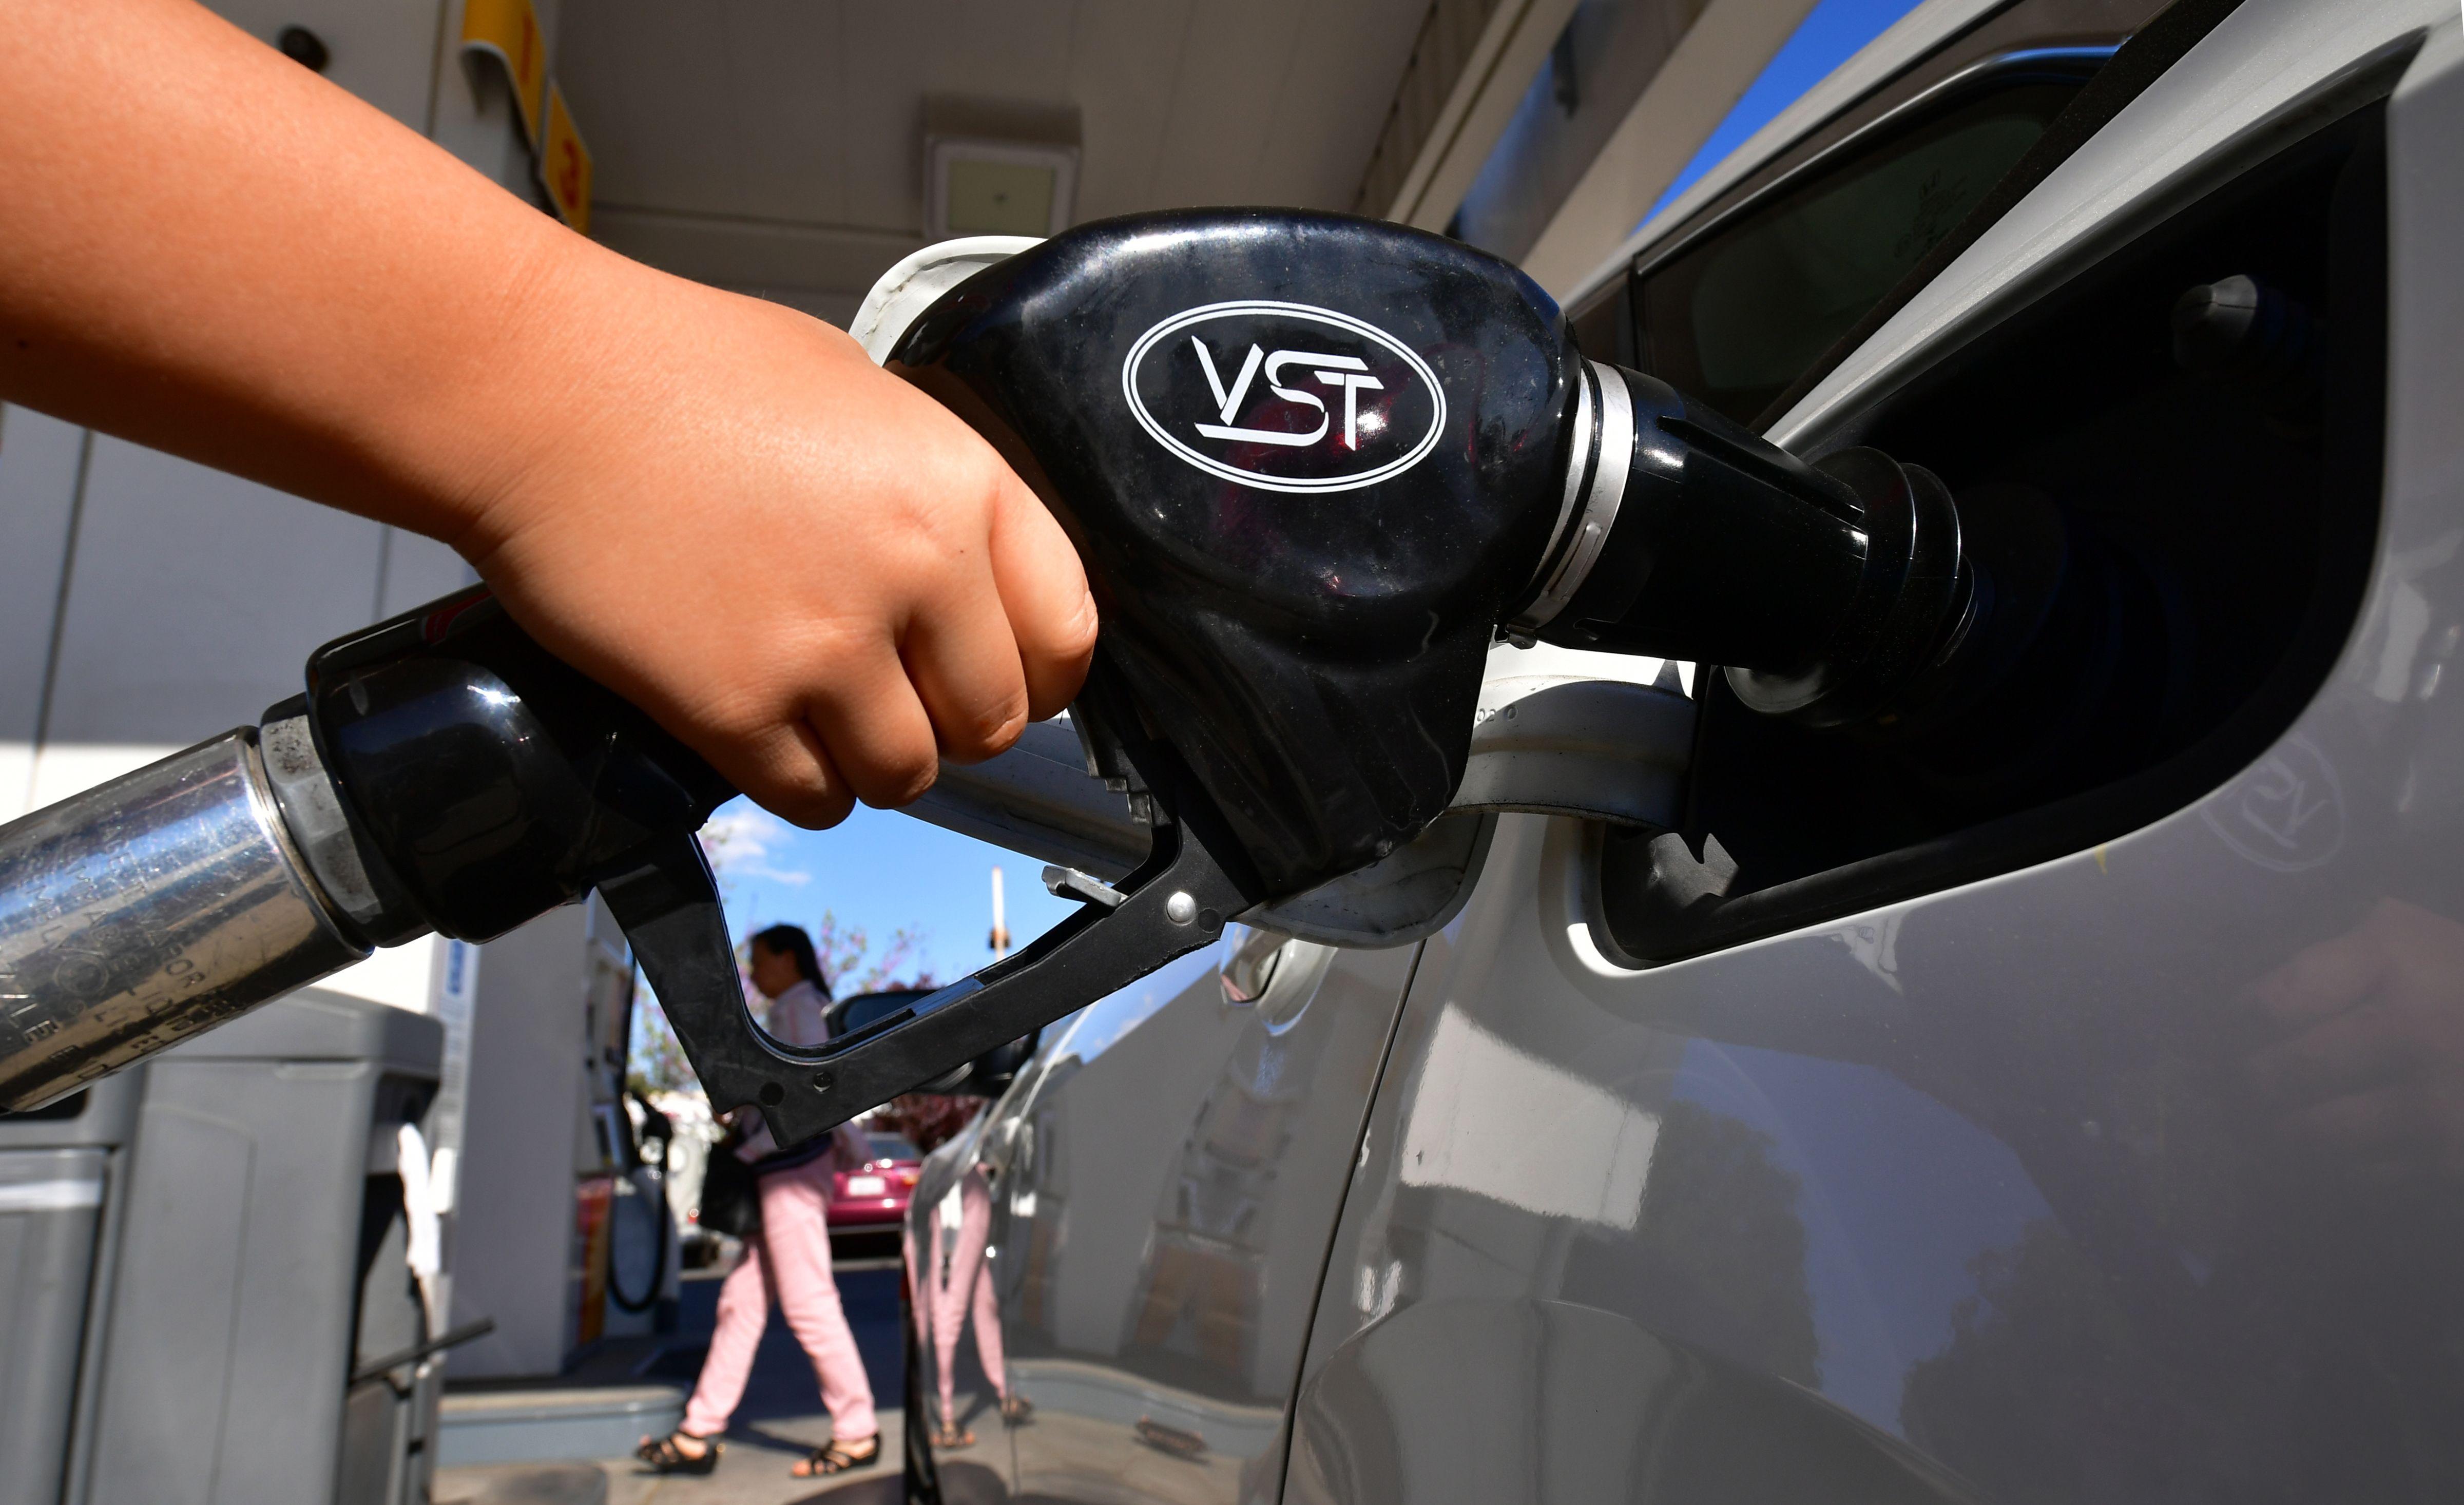 A child pumps gas